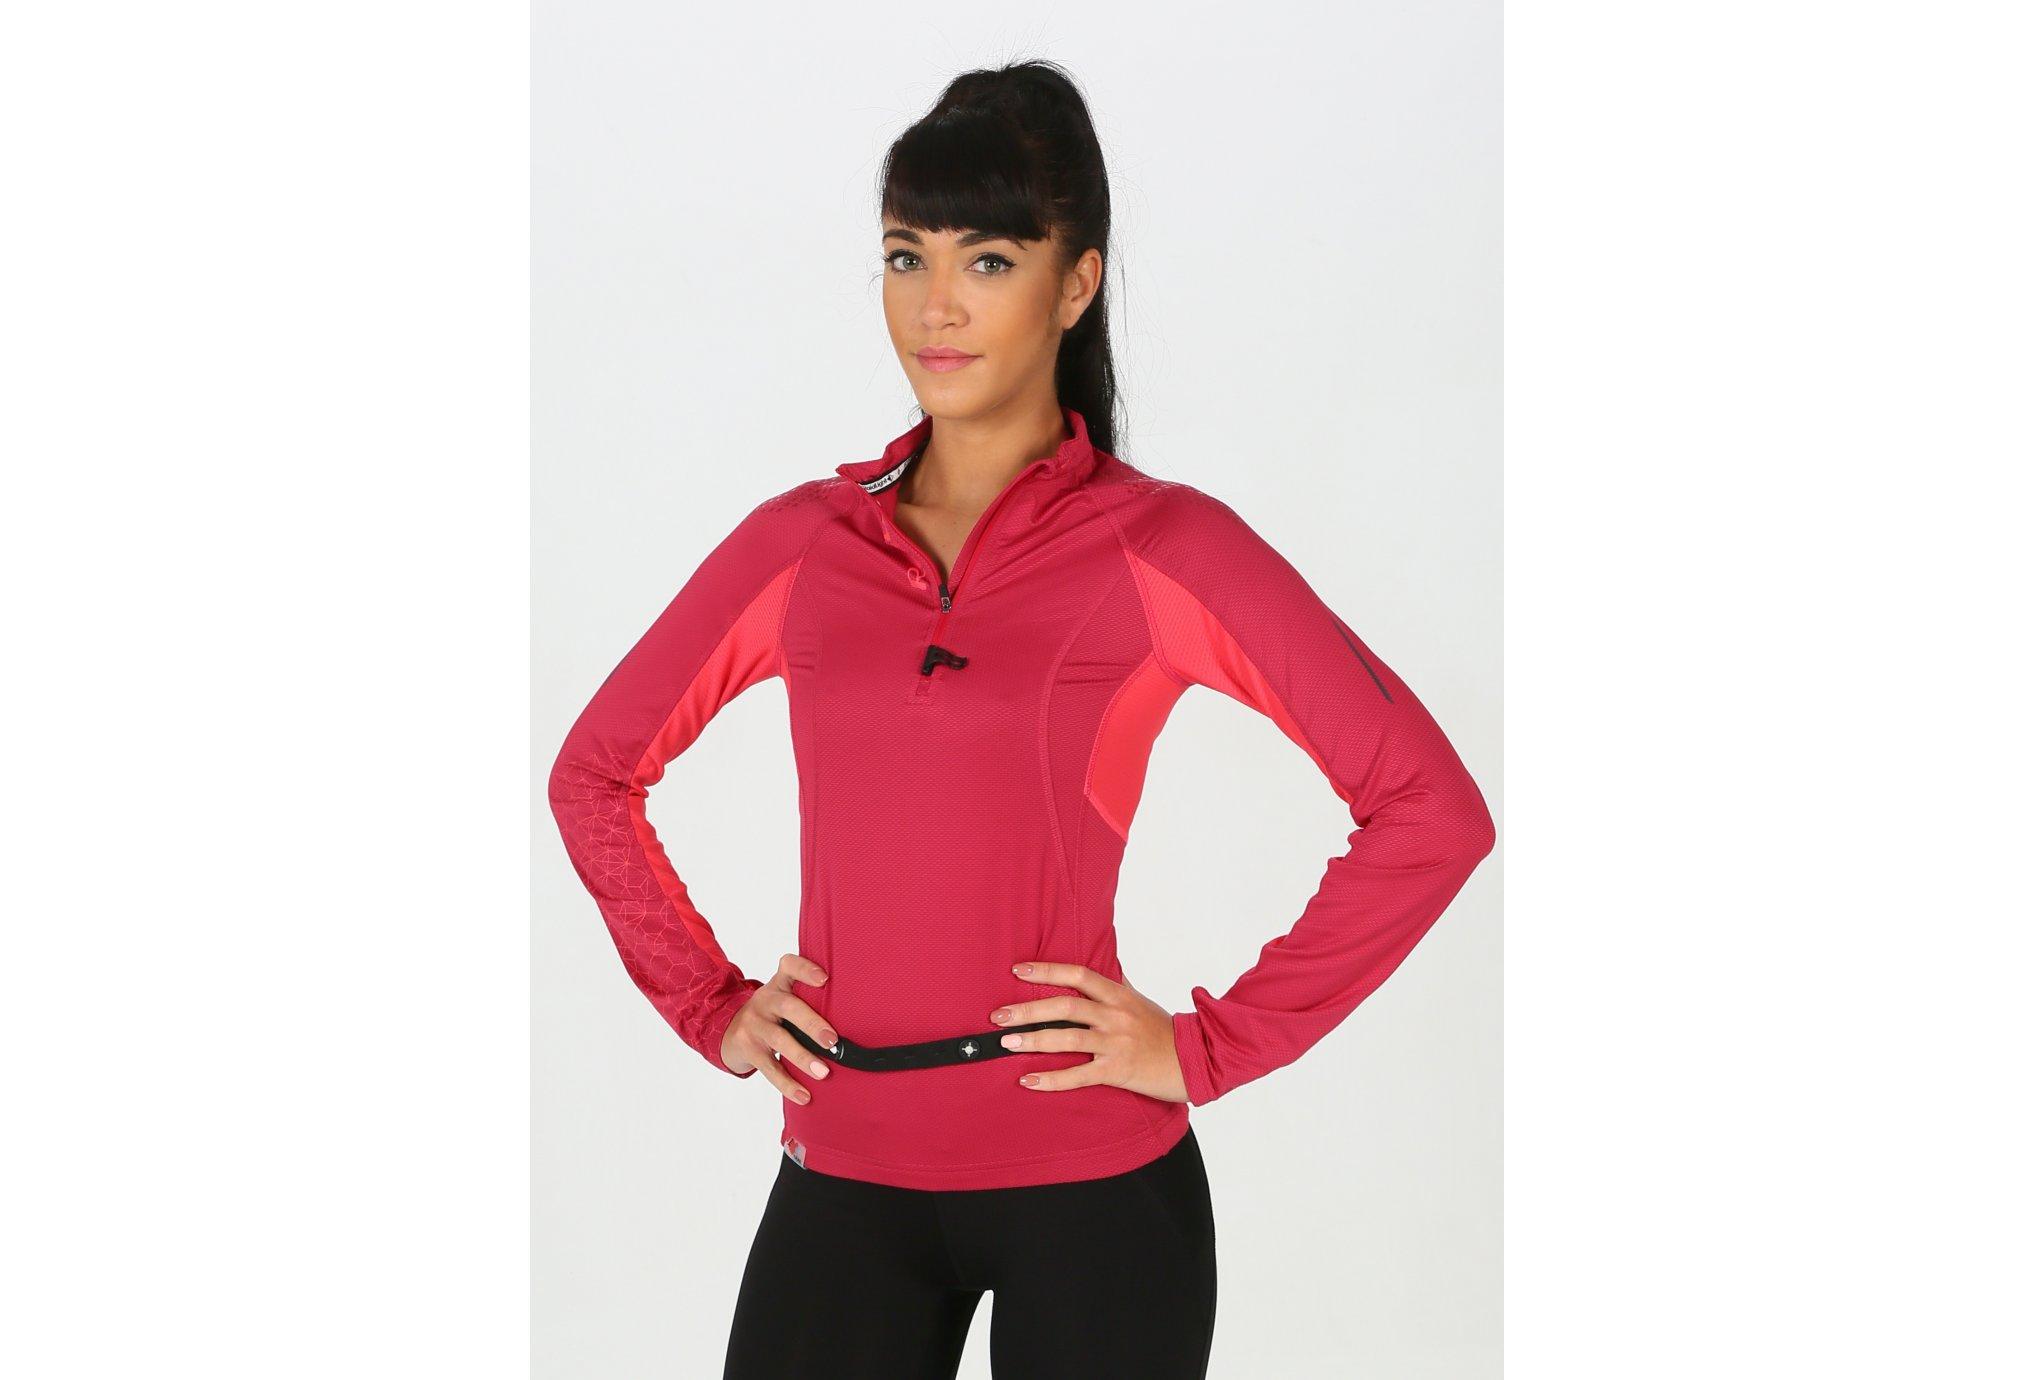 Raidlight Performer XP W Diététique Vêtements femme